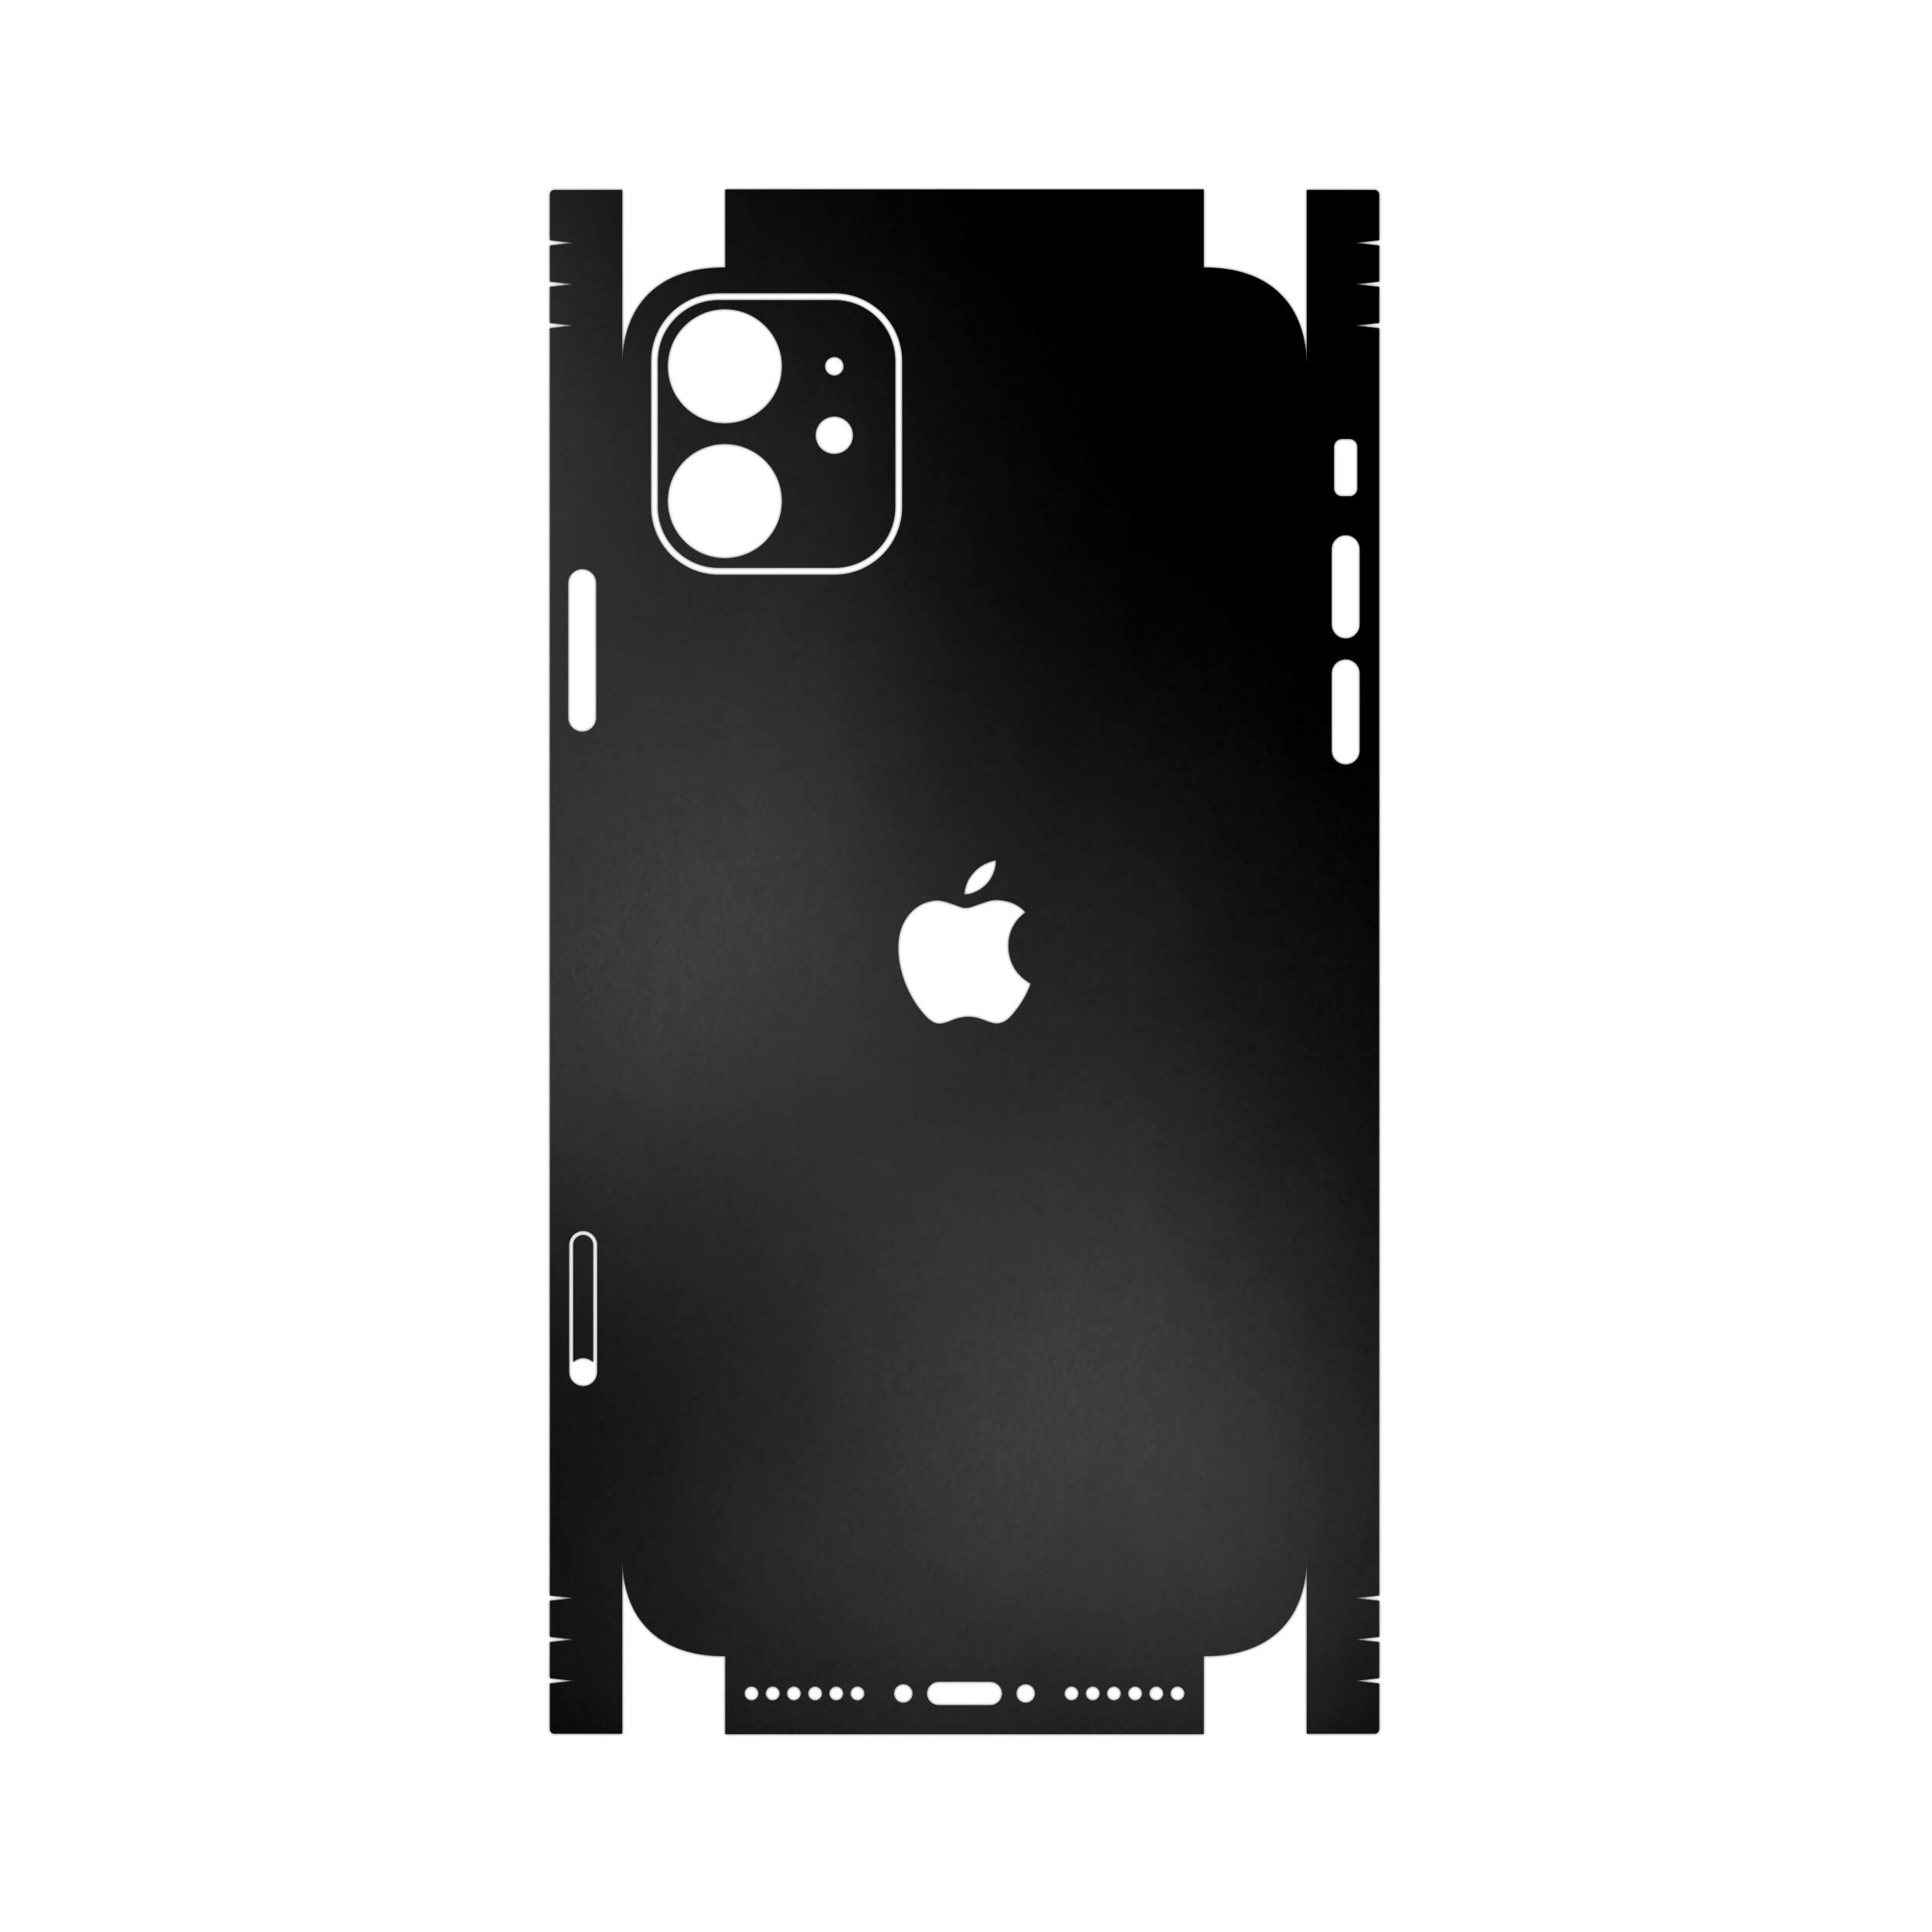 برچسب پوششی ماهوت مدل Black-Matte-FullSkin مناسب برای گوشی موبایل اپل iPhone 11